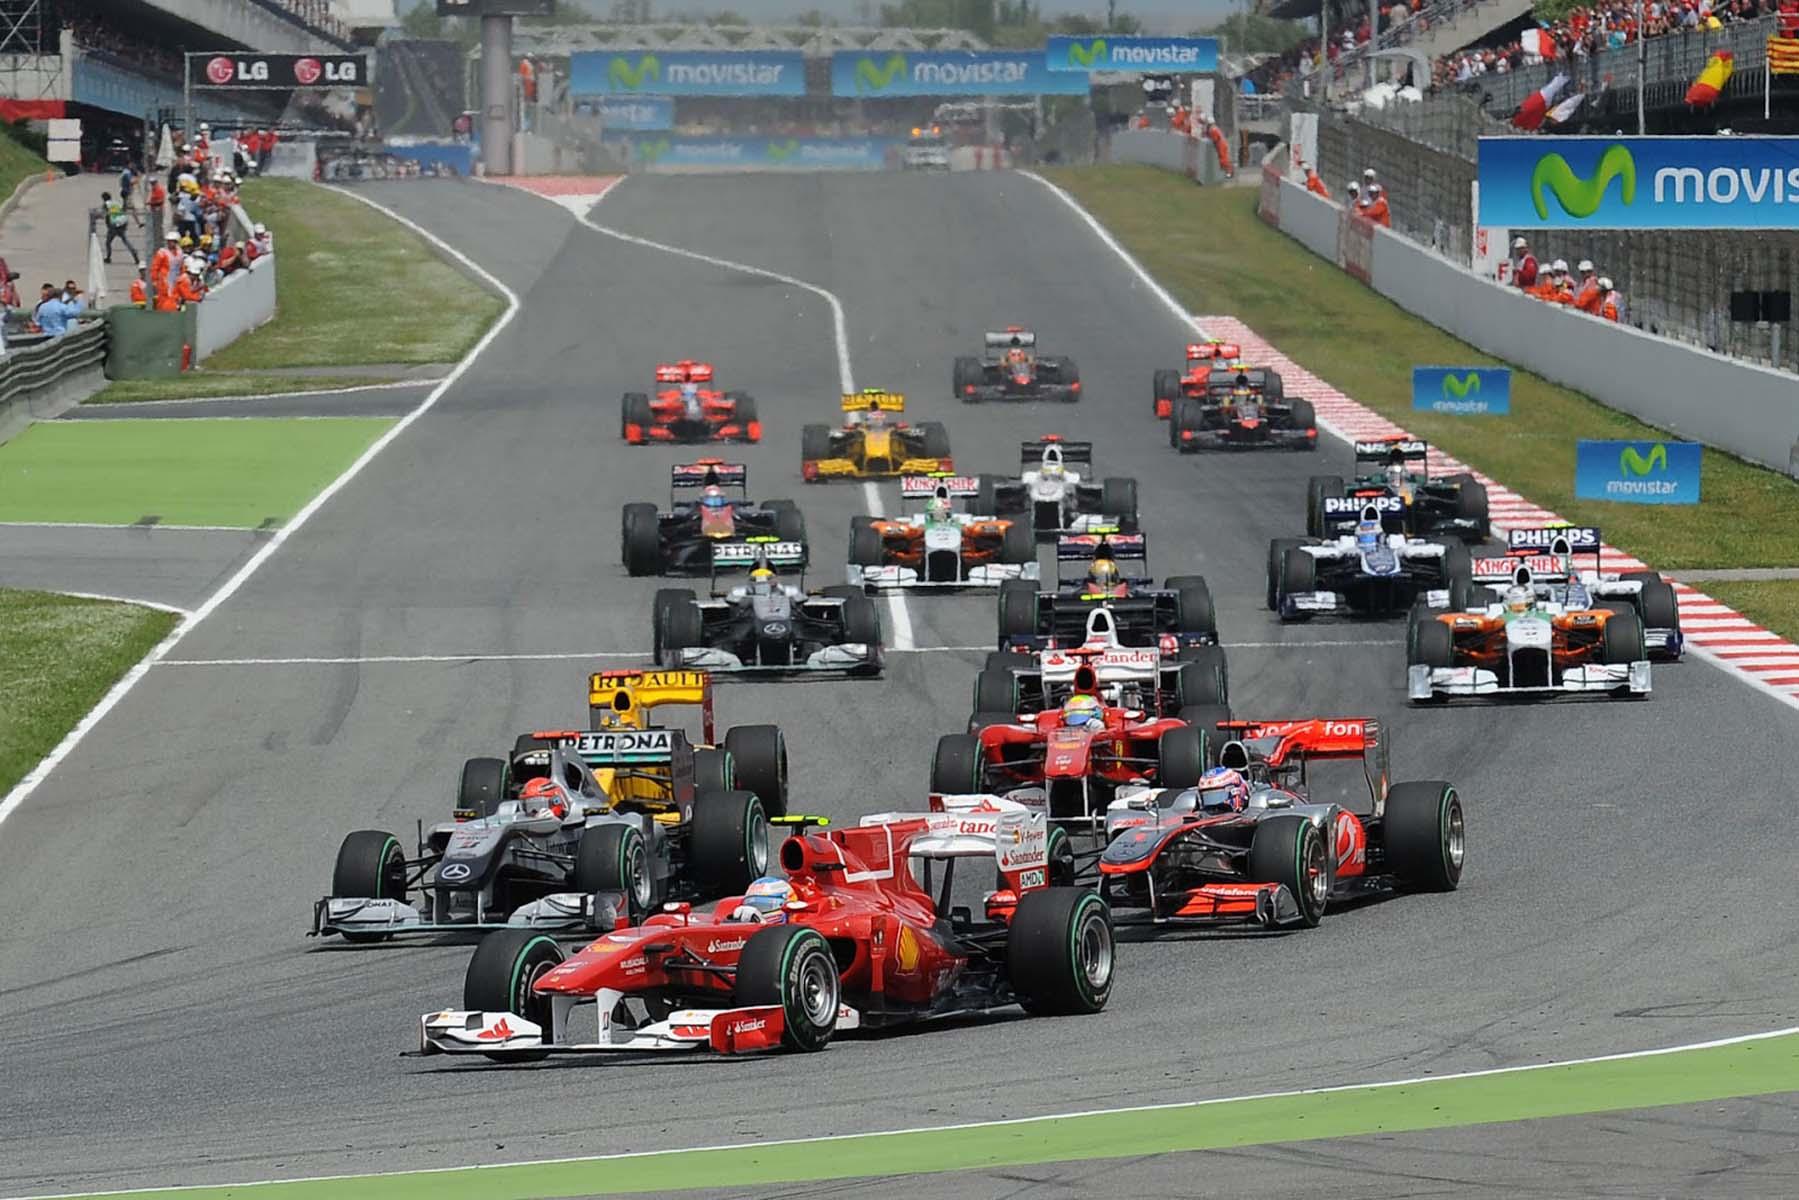 Formula 1 Fransa GP ne zaman, hangi gün, saat kaçta, hangi kanalda 2021 ? Şifreli mi, şifresiz mi?